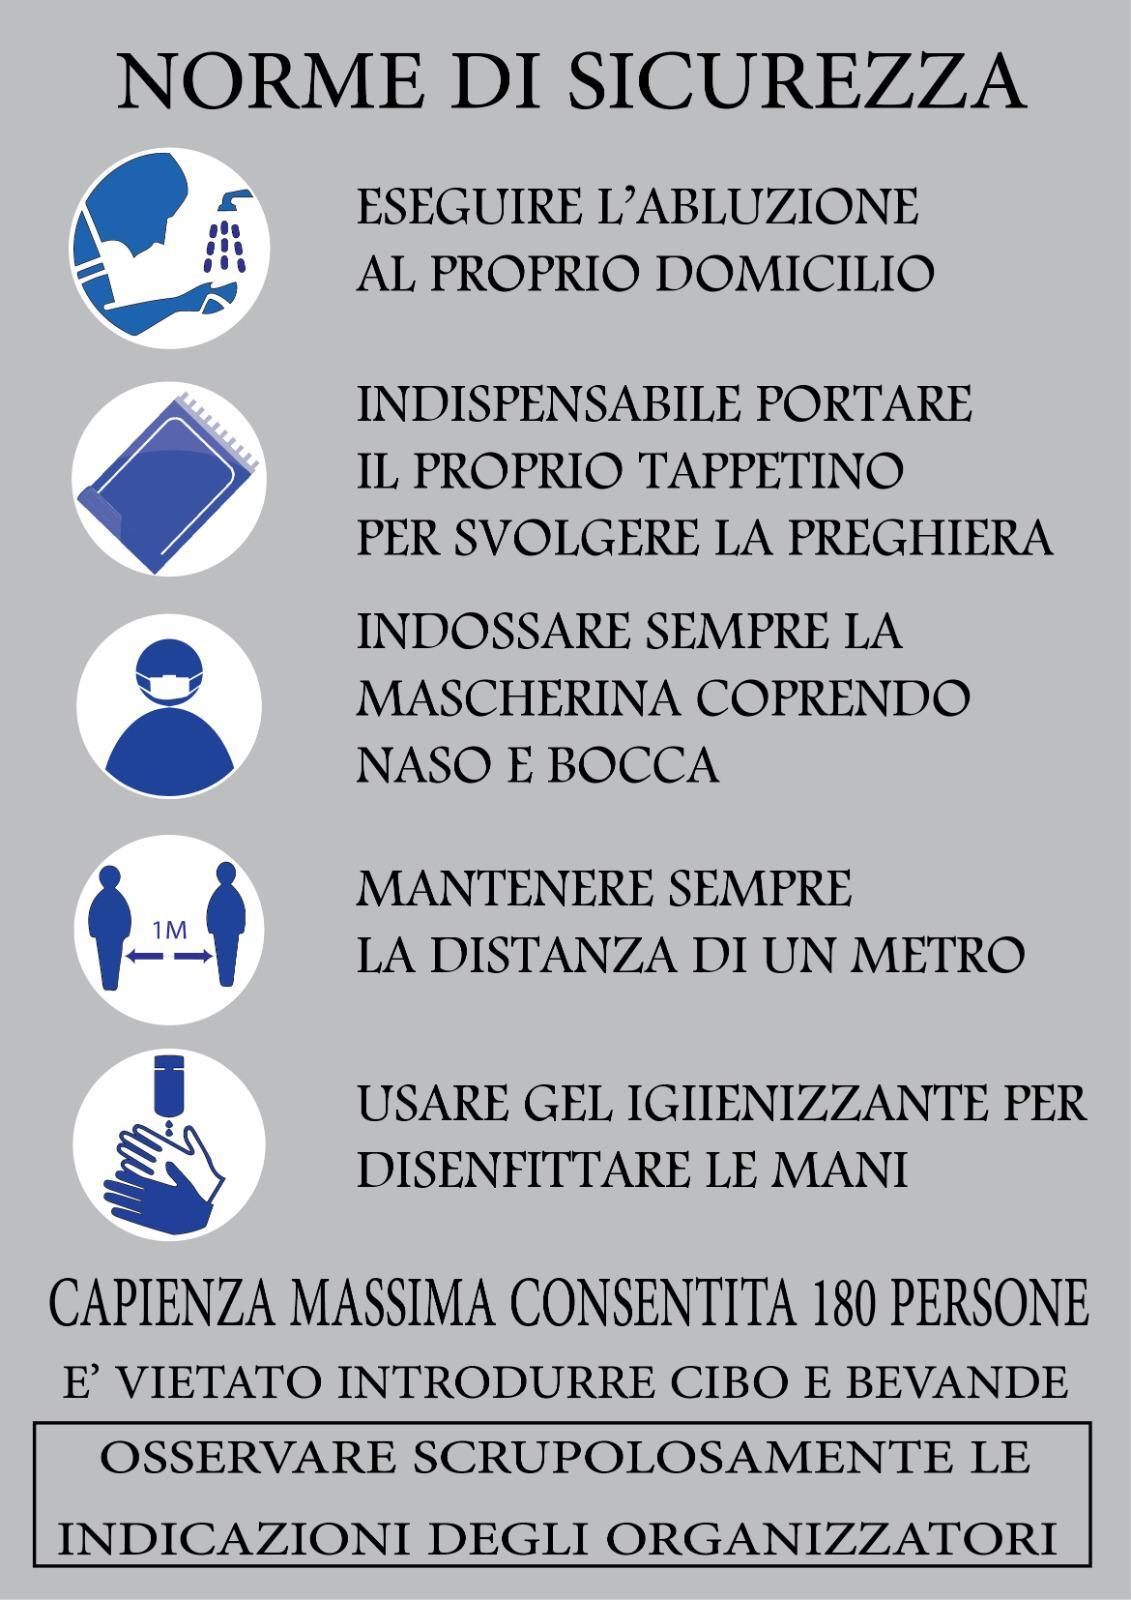 Centro Islamico Di Milano E Lombardia